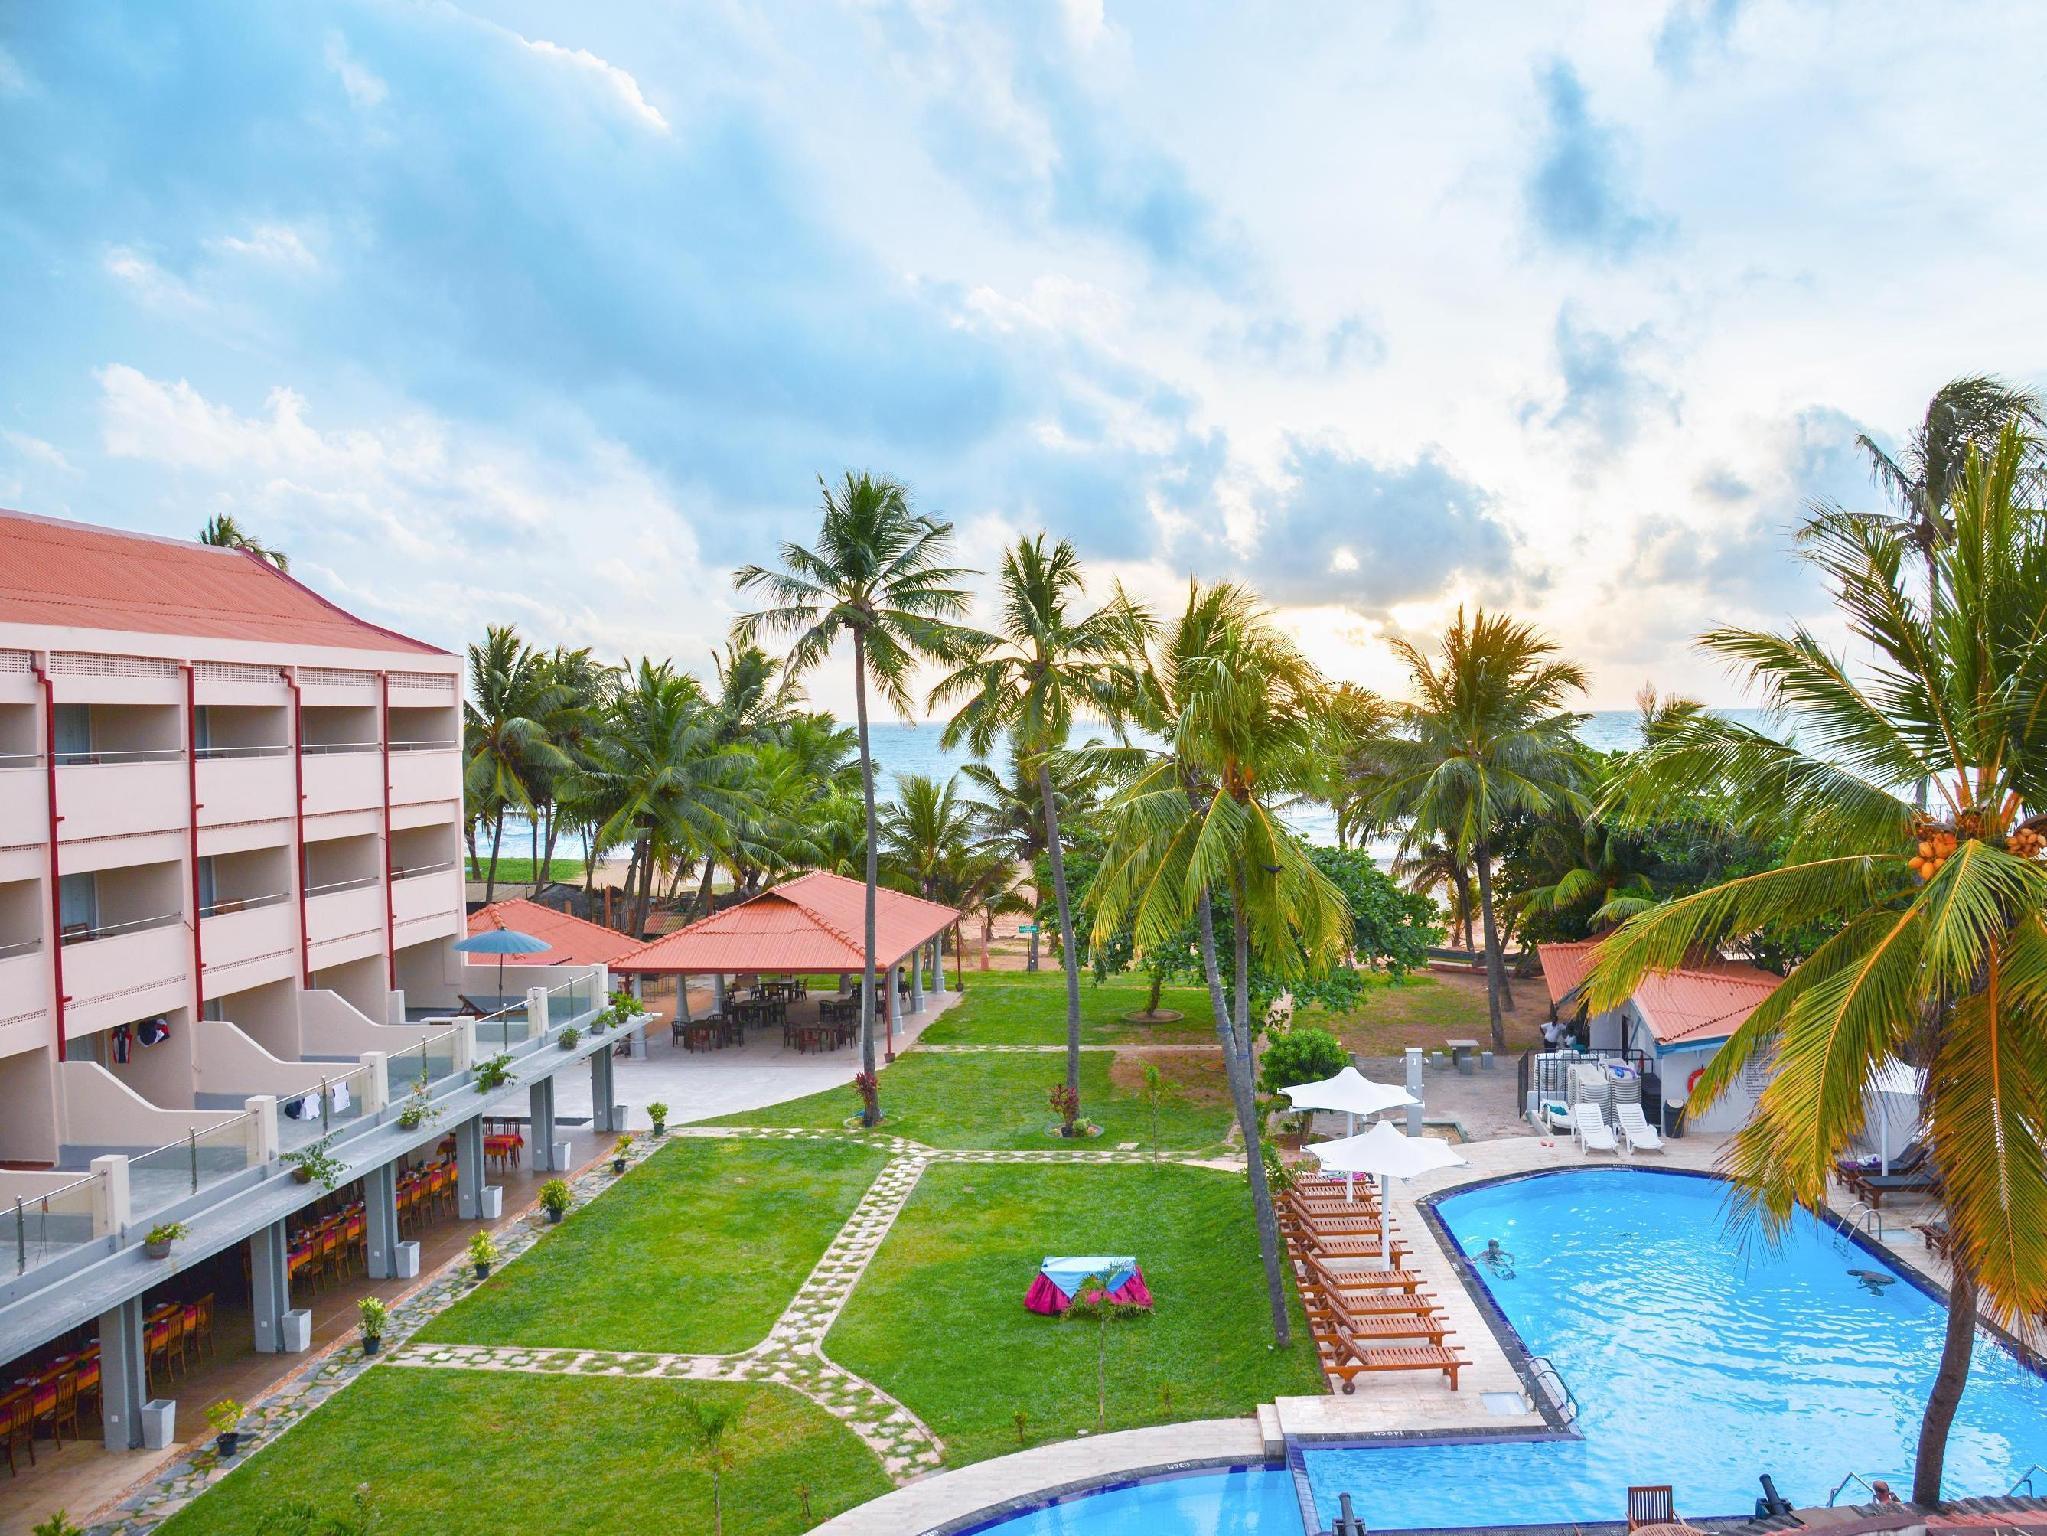 Hotel Reviews of Paradise Beach Hotel Negombo Sri Lanka